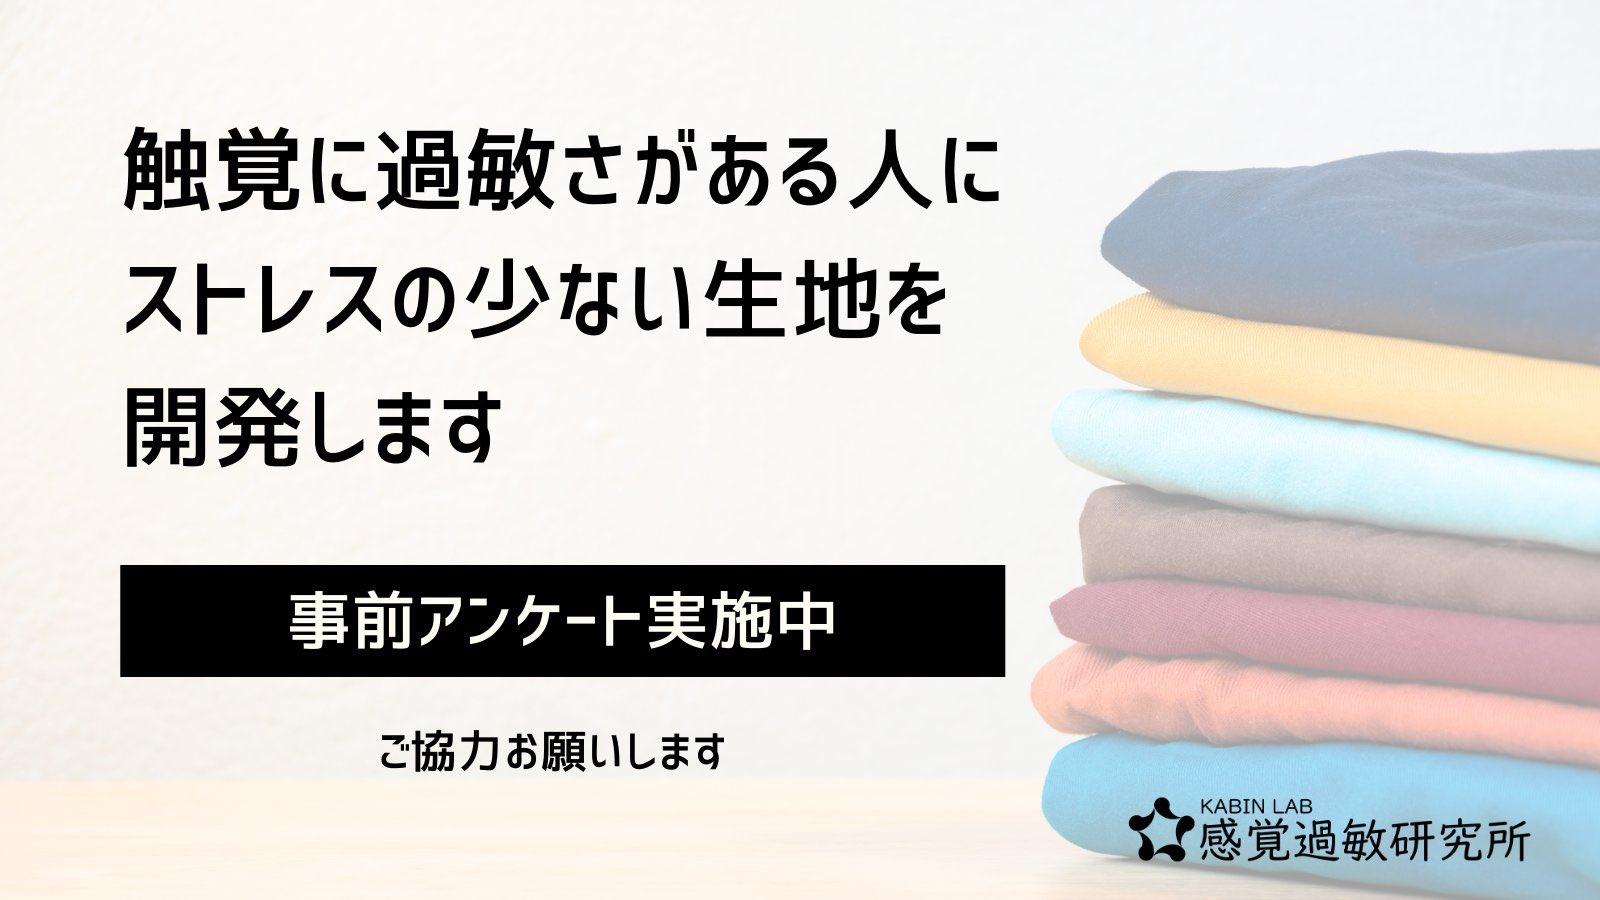 感覚過敏の人のための生地や縫製に関する研究